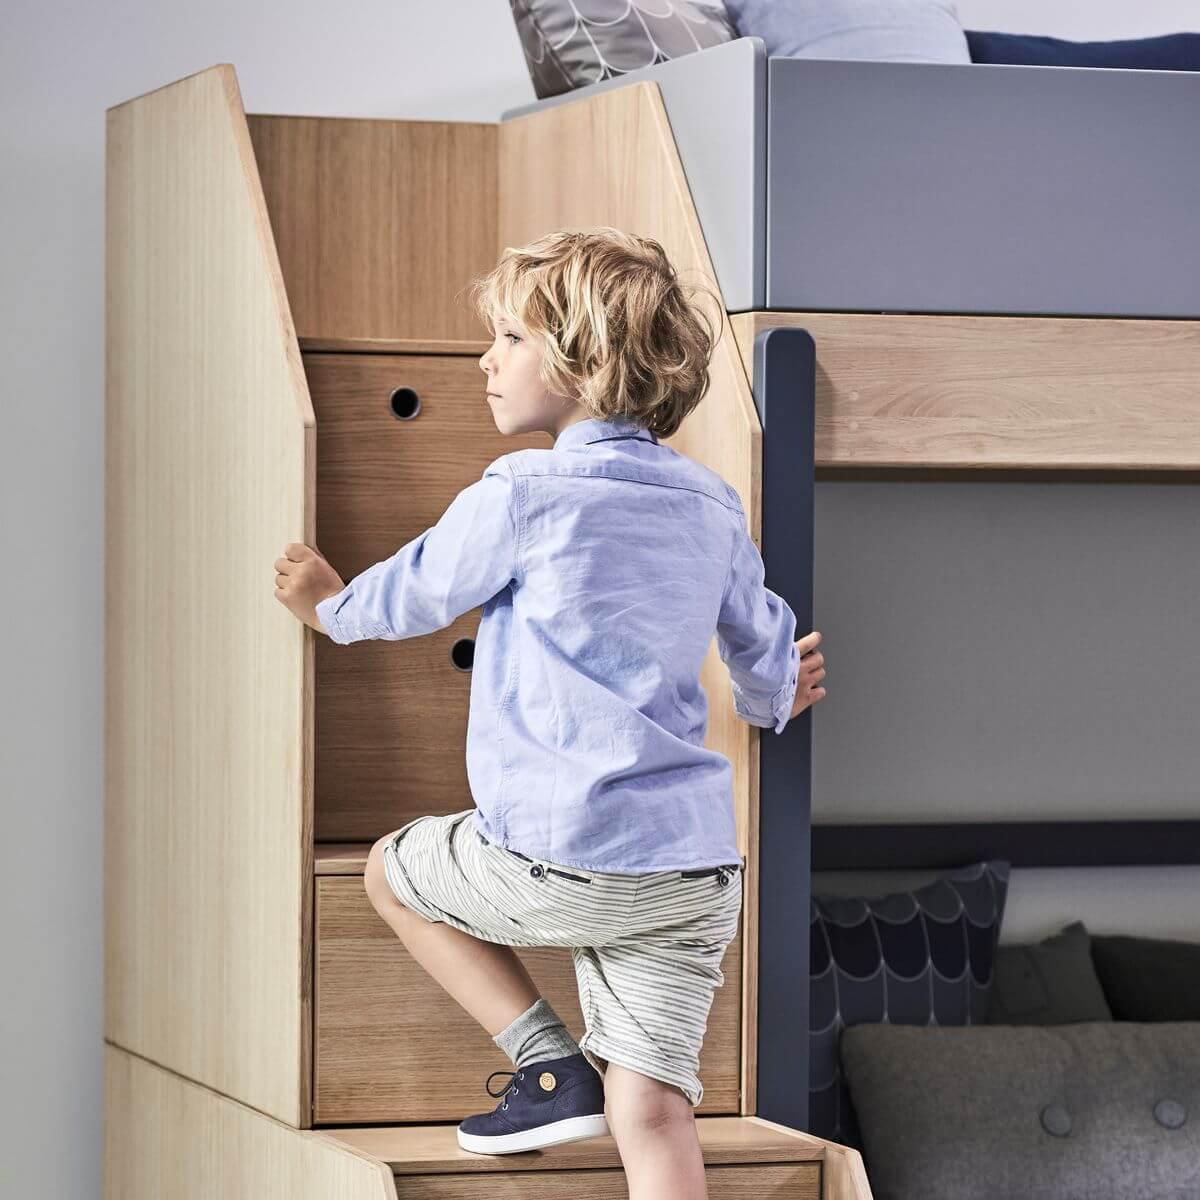 Lit Superposé Marche Escalier abitare-kids.lu | lit évolutif mezzanine 90x200cm escalier